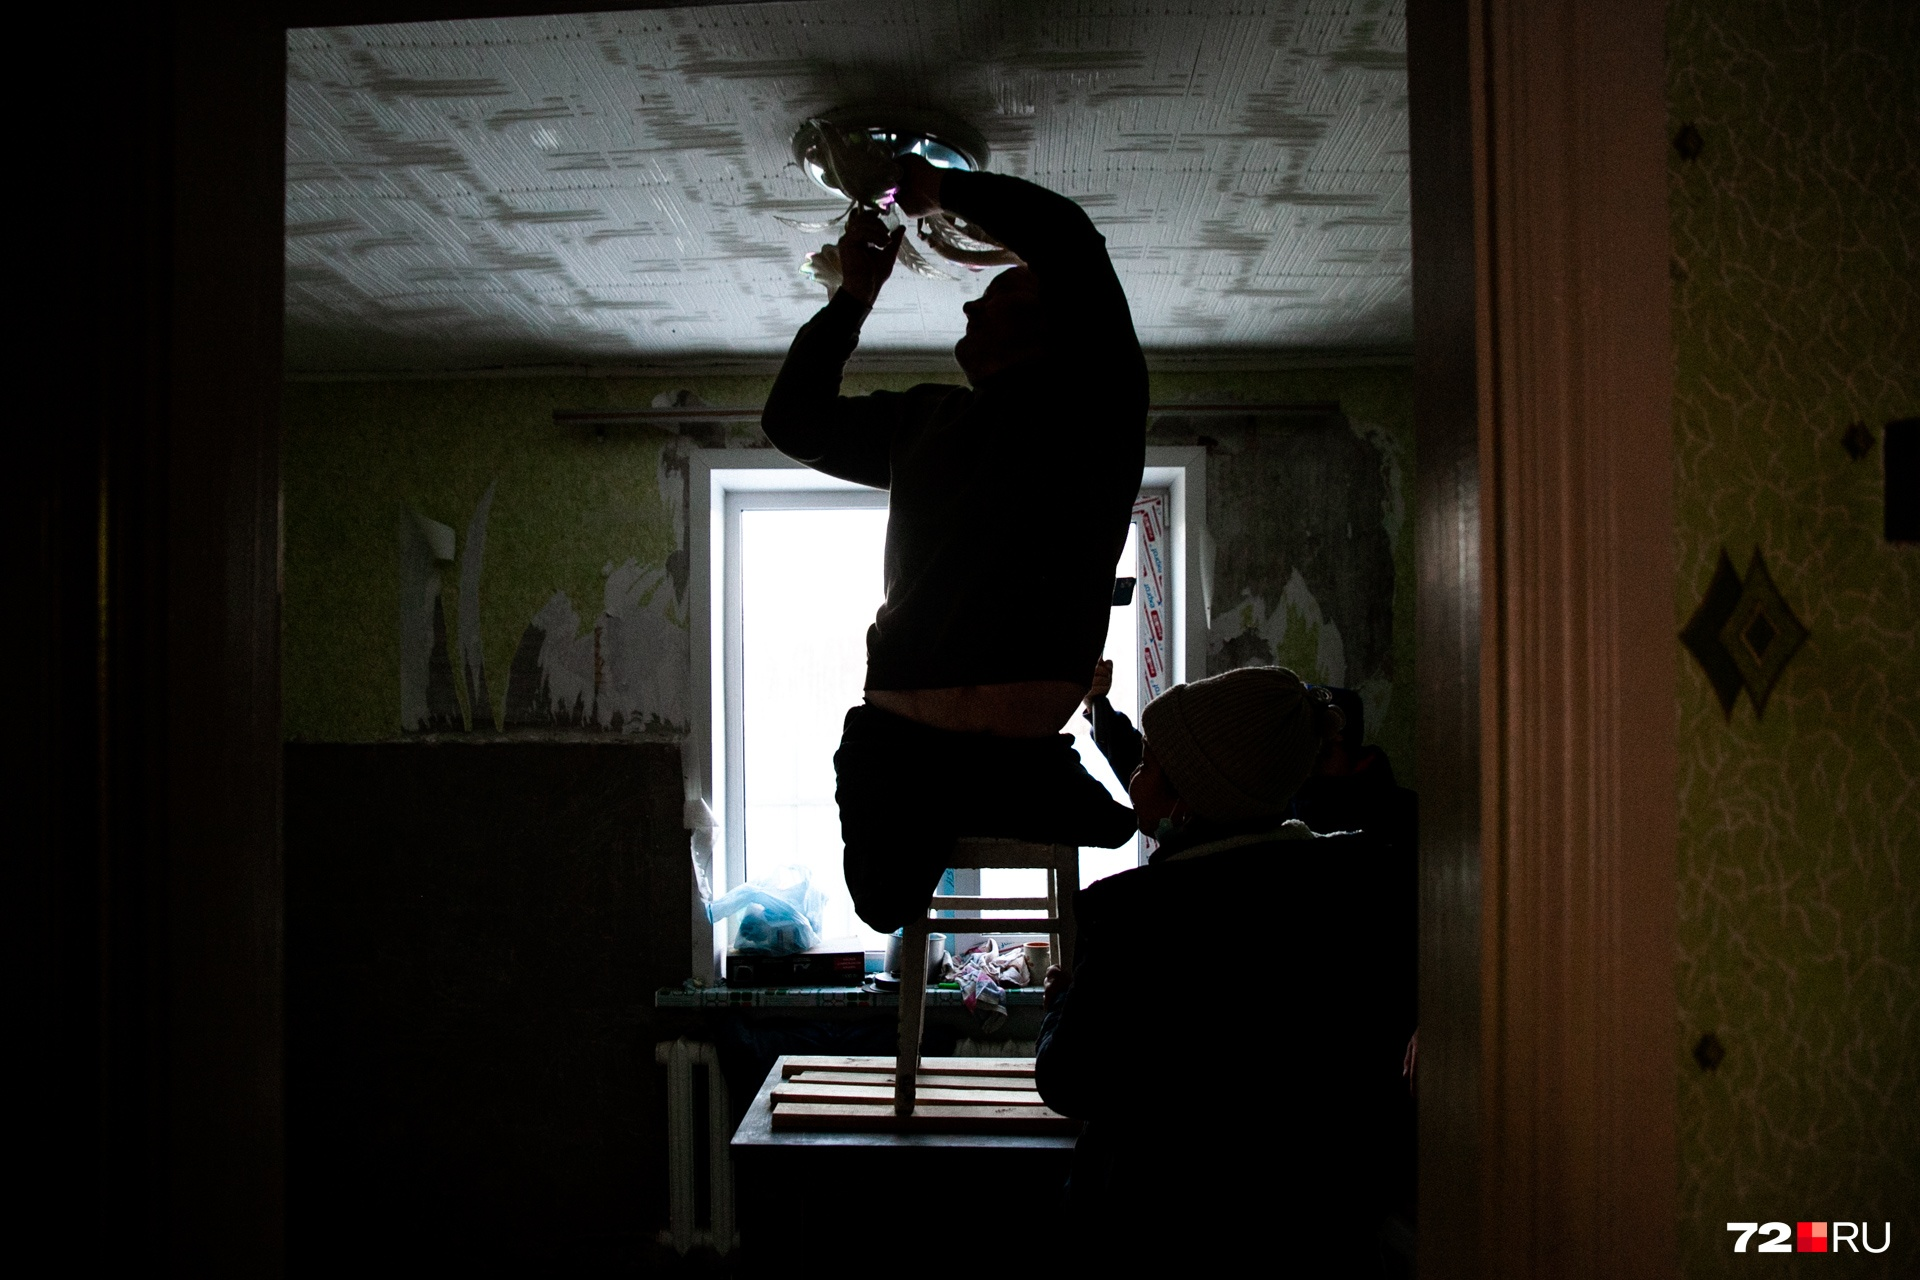 Павел Васькин сам всё делает по дому. И даже вкрутить лампочку без посторонней помощи ему несложно